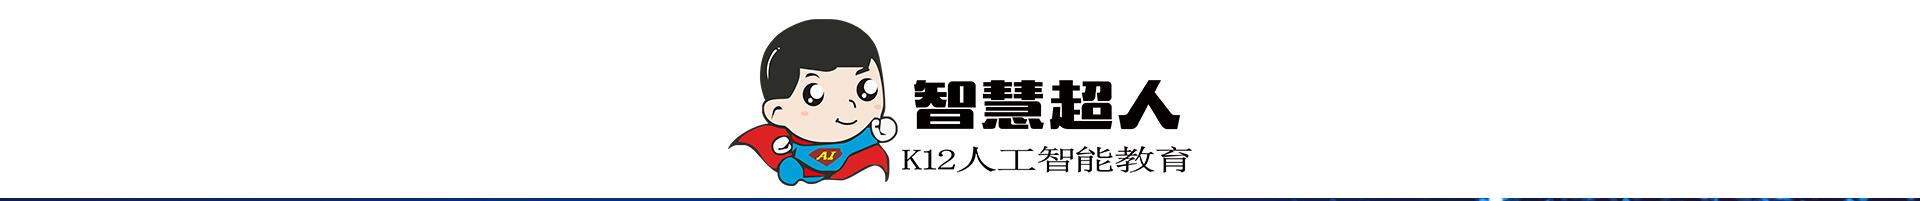 智慧超人K12人工智能教育zzcr_01